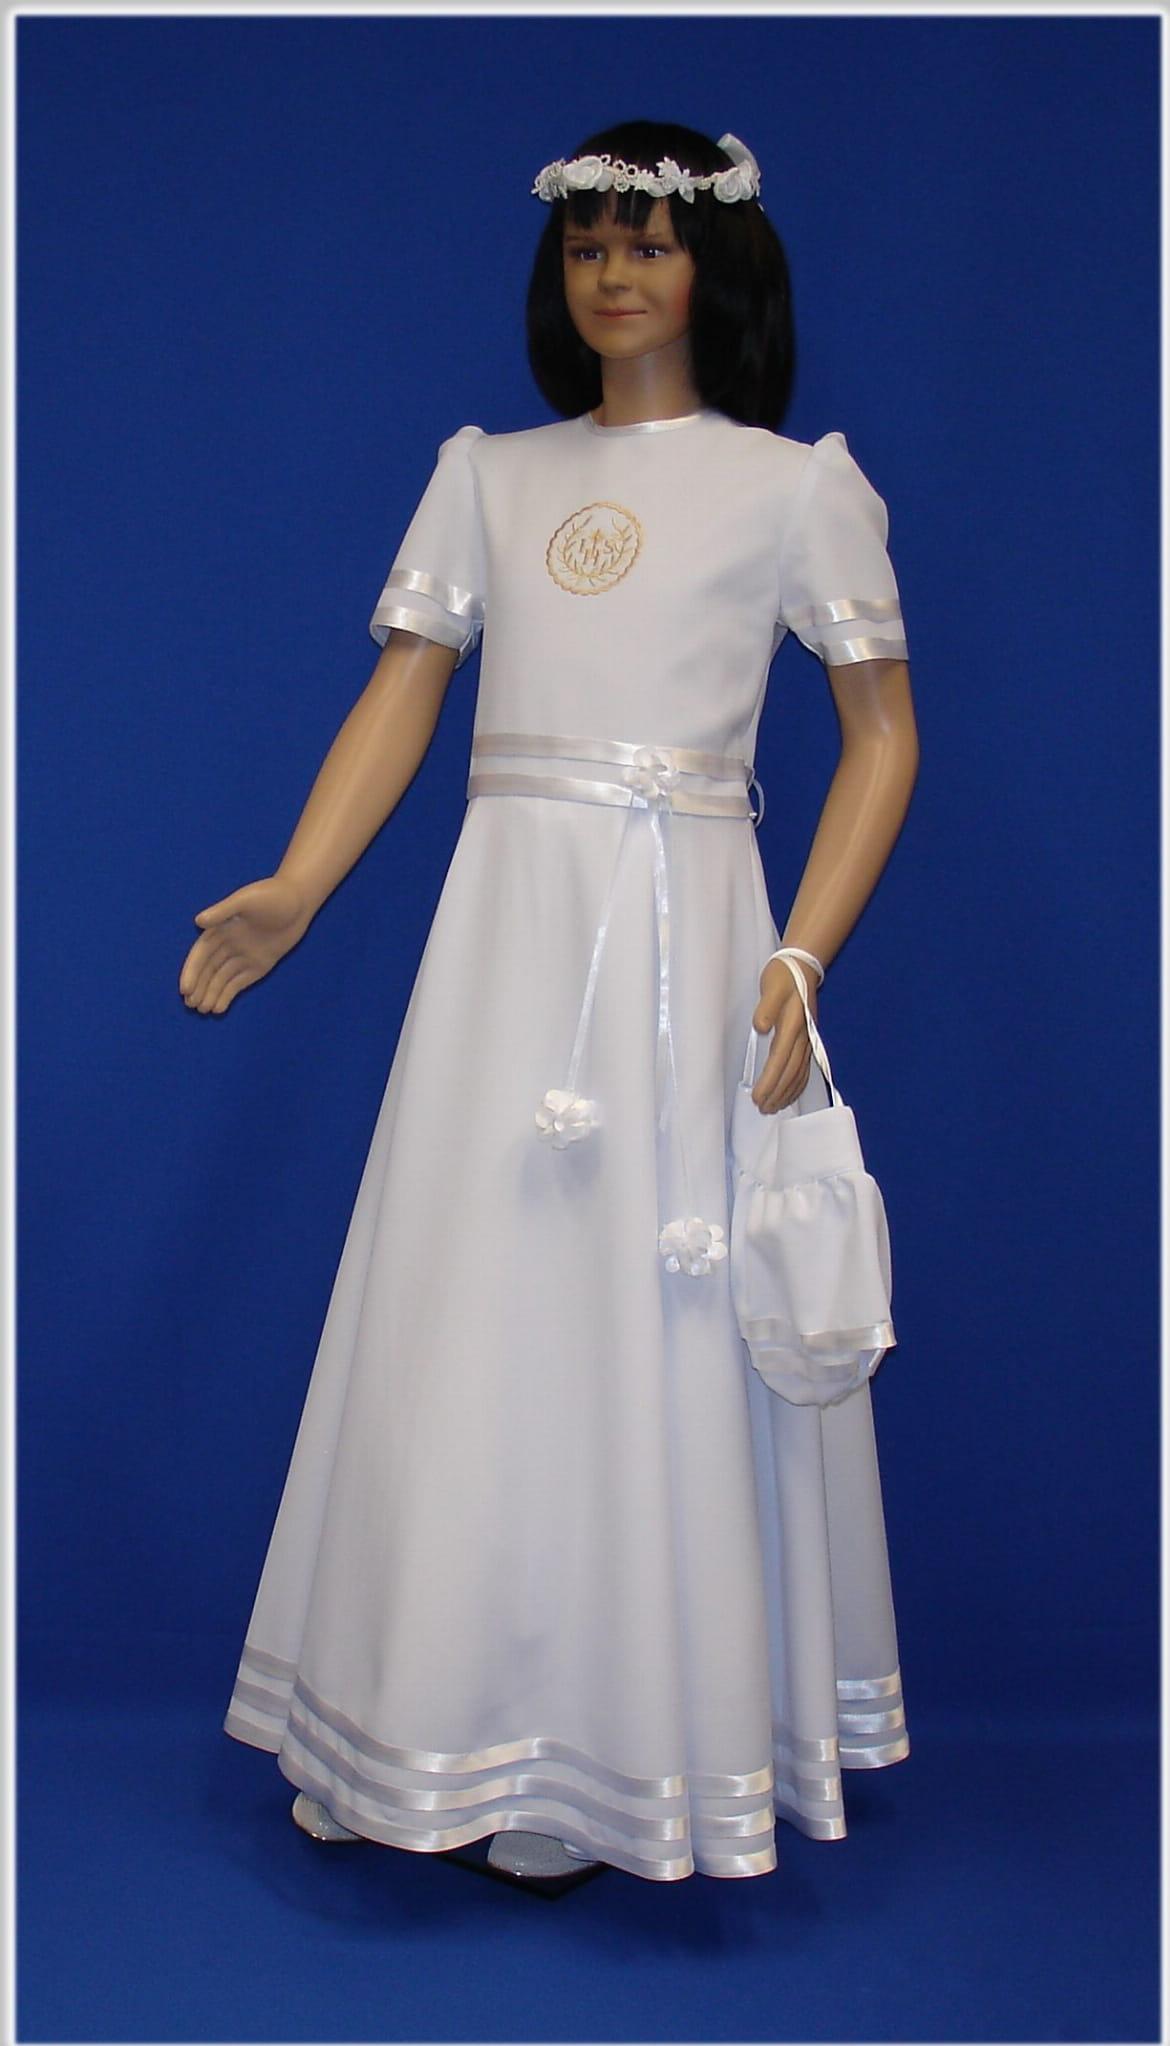 3966e34bb7 Sukienka komunijna ASKS 01 Pracownia Szat Liturgicznych SlawTom